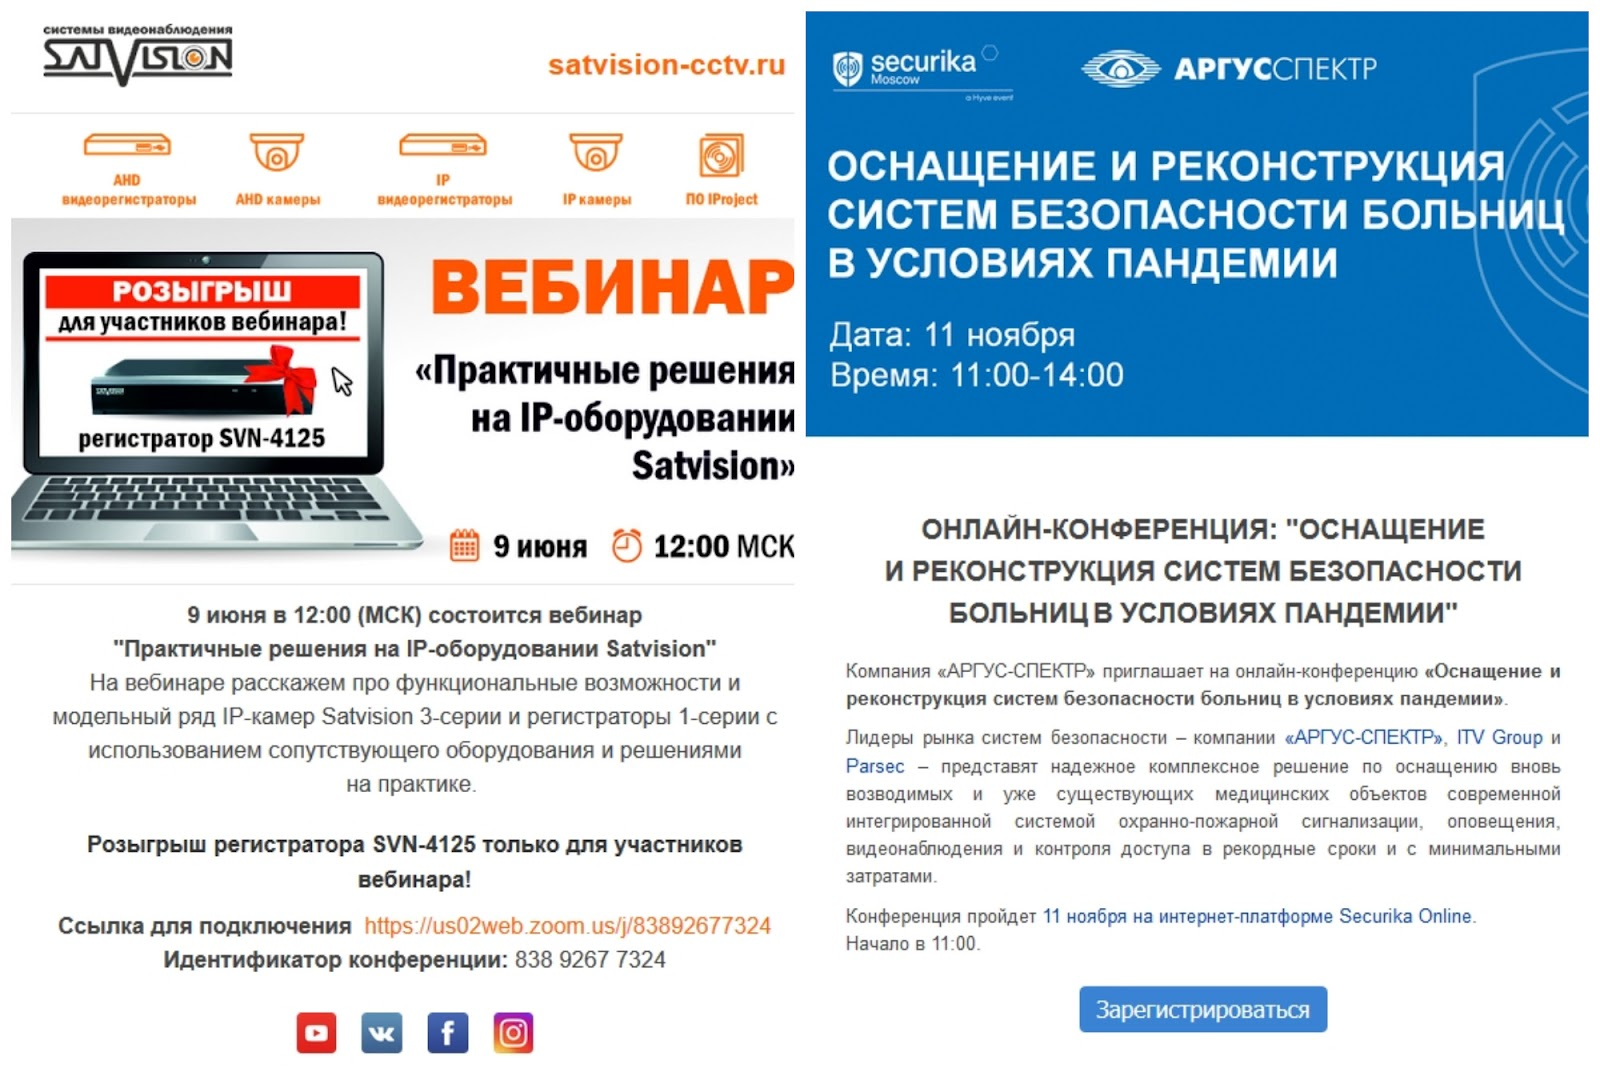 Приглашение на вебинар и онлайн-конференцию